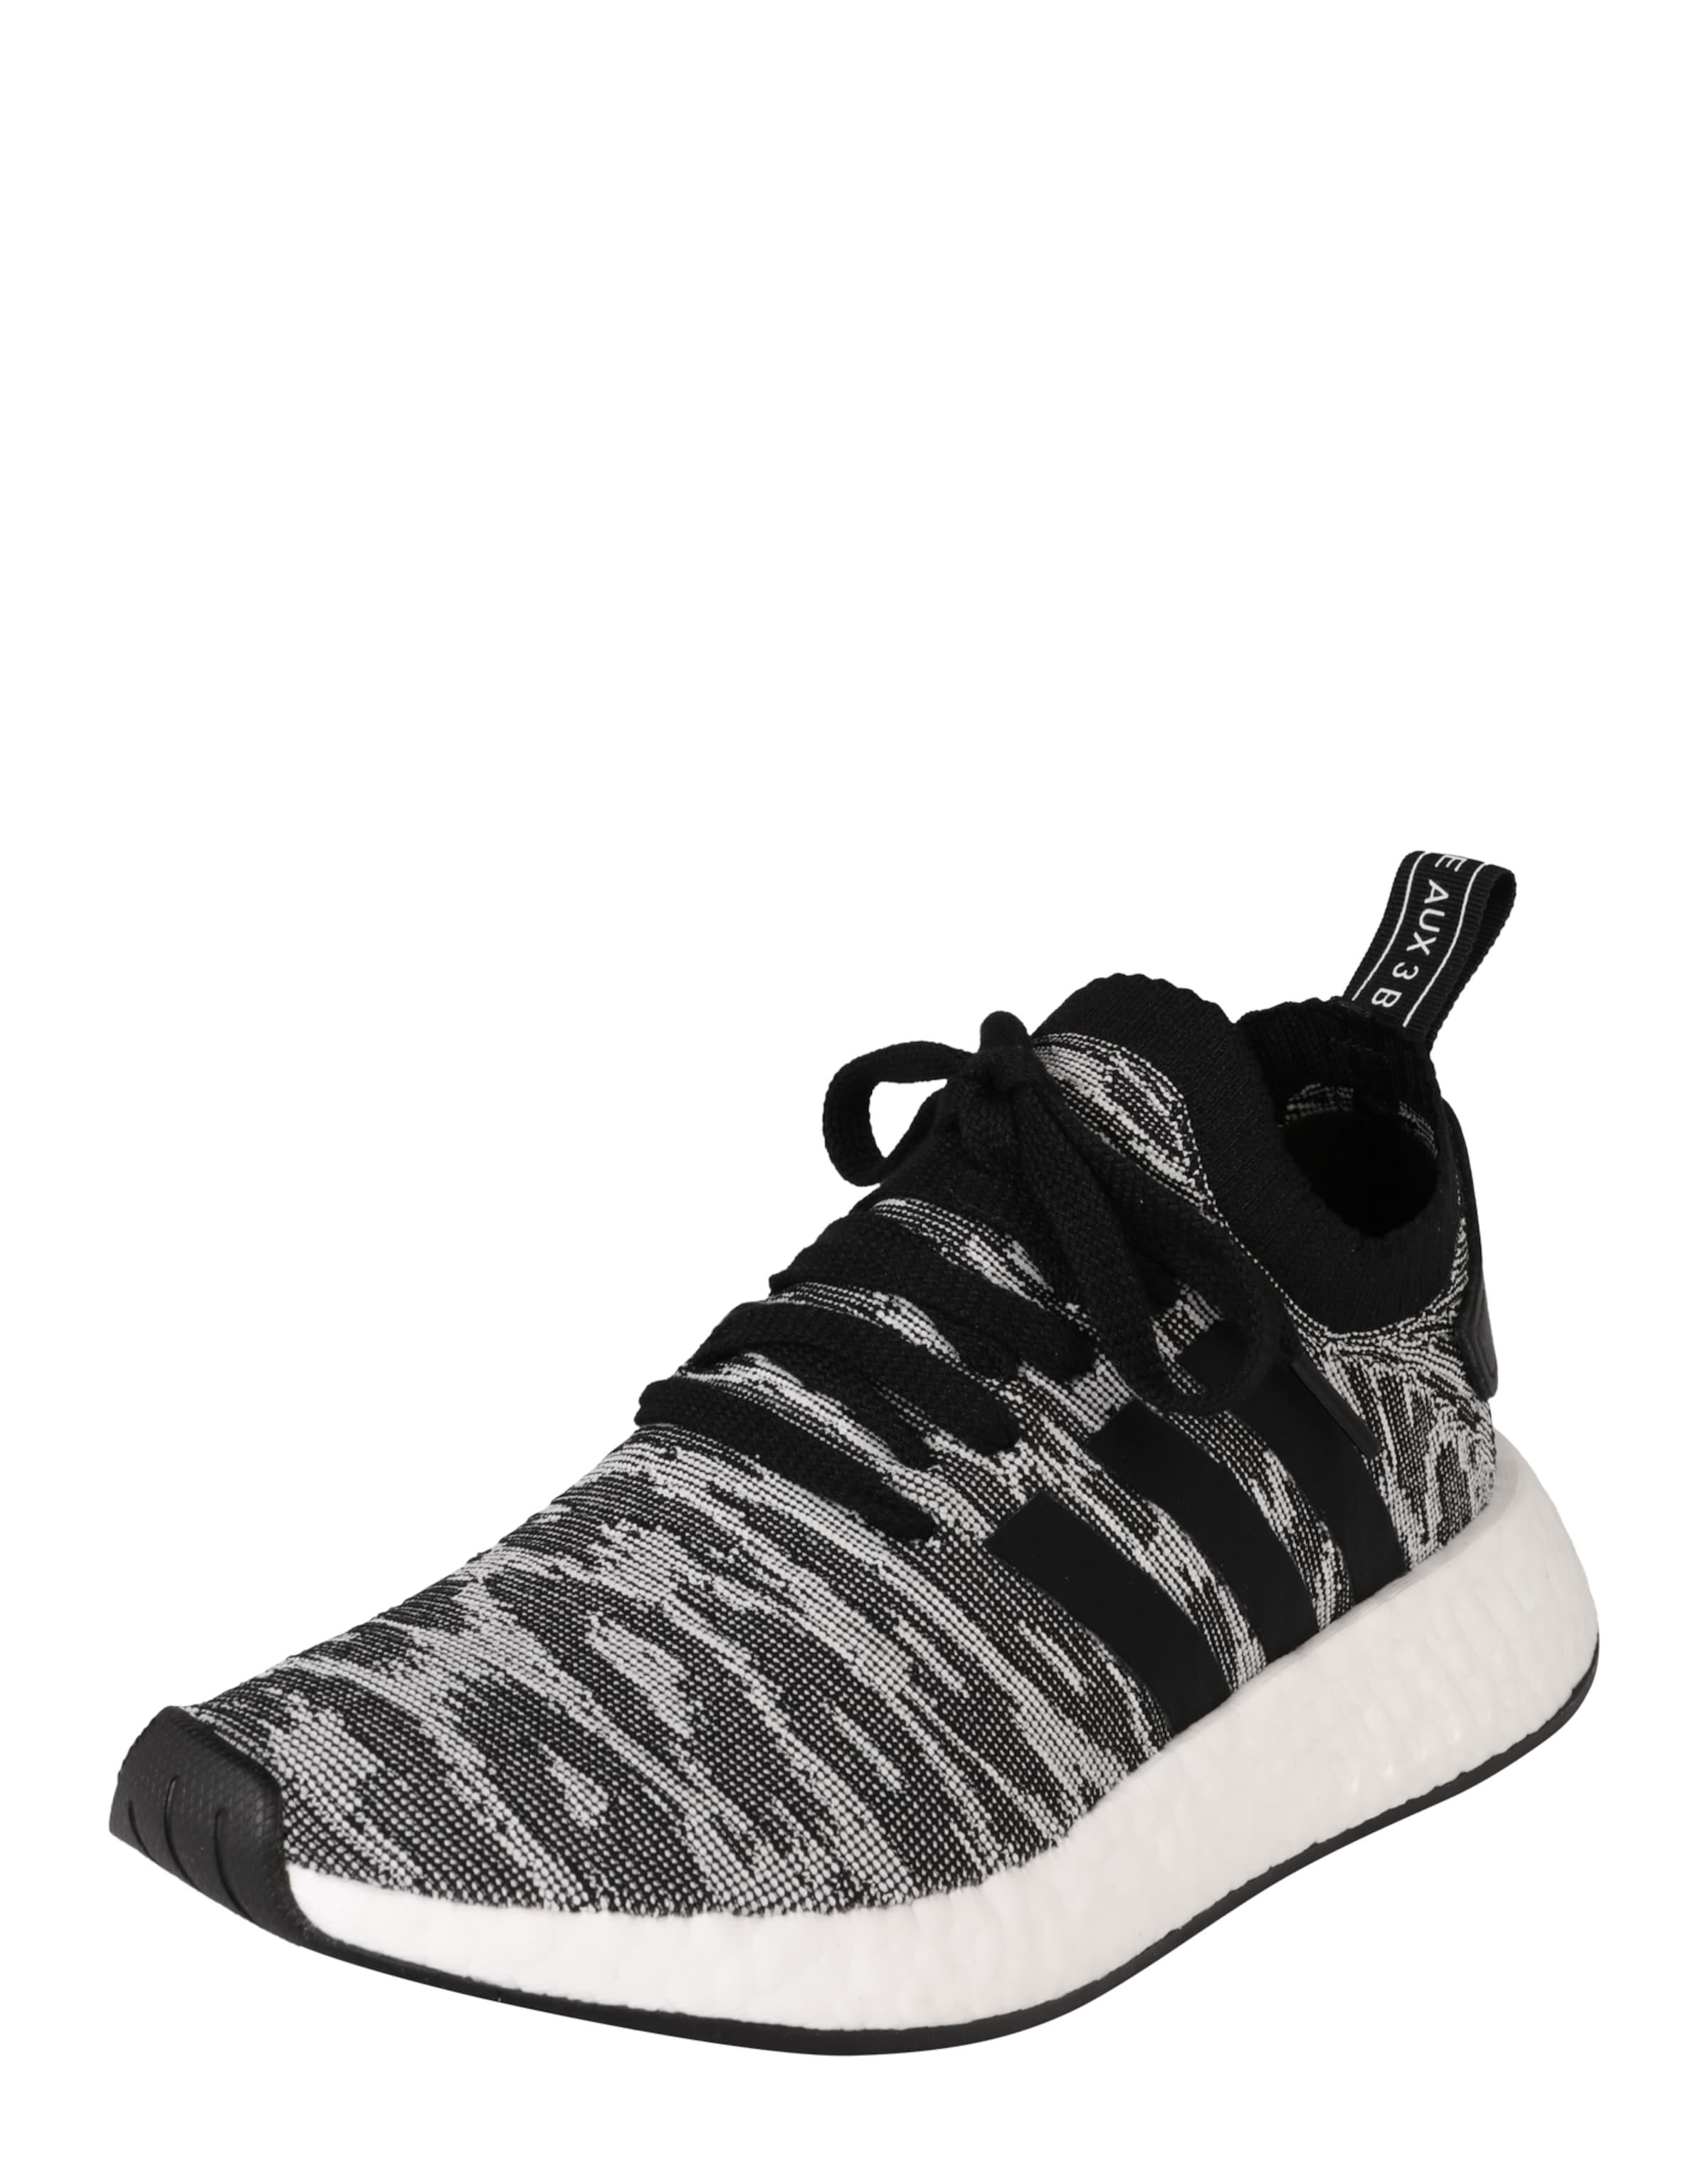 Pk' Sneaker 'nmd In GrauSchwarz R2 Adidas Originals SUpVqzM